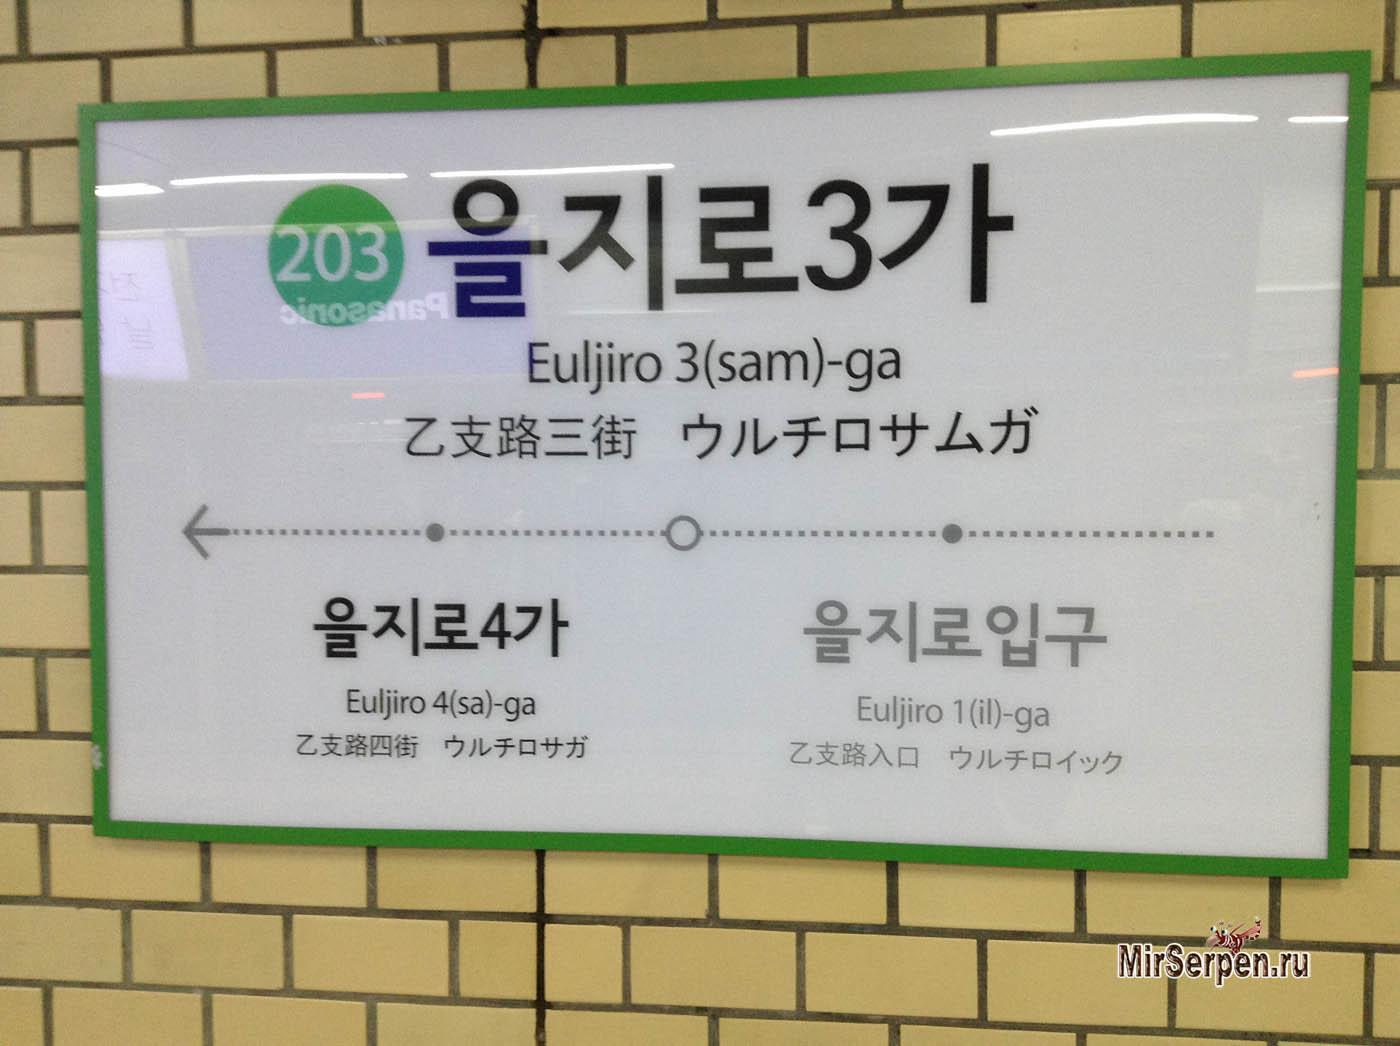 Путешествовать на метро в Сеуле - это просто!